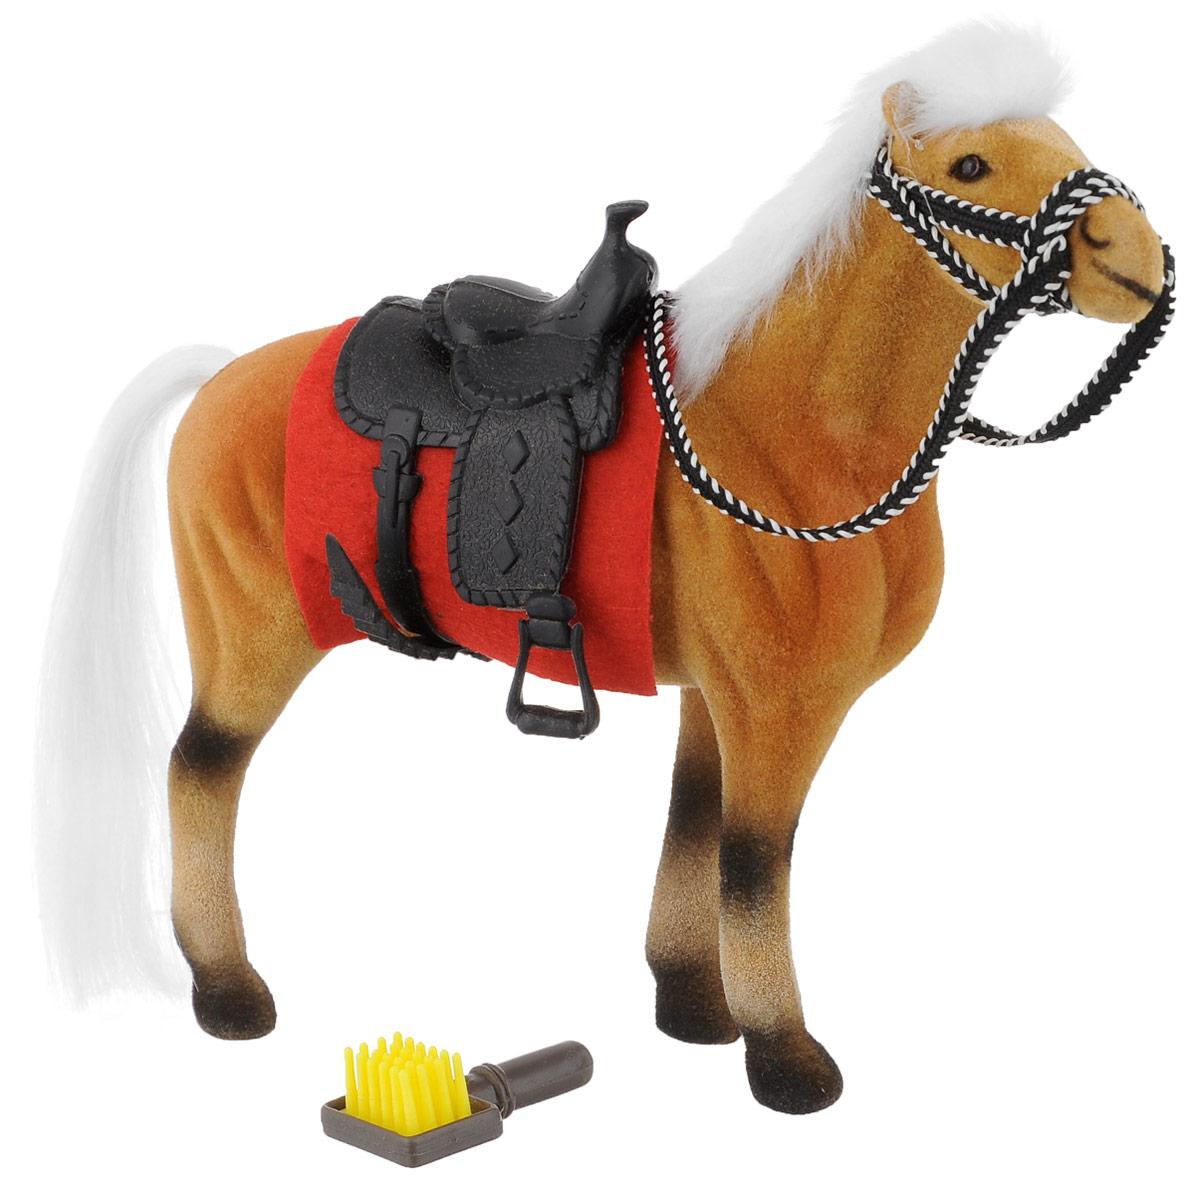 Играем вместе Фигурка Лошадь цвет рыжий 17 см фигурка из нефрита лошадь